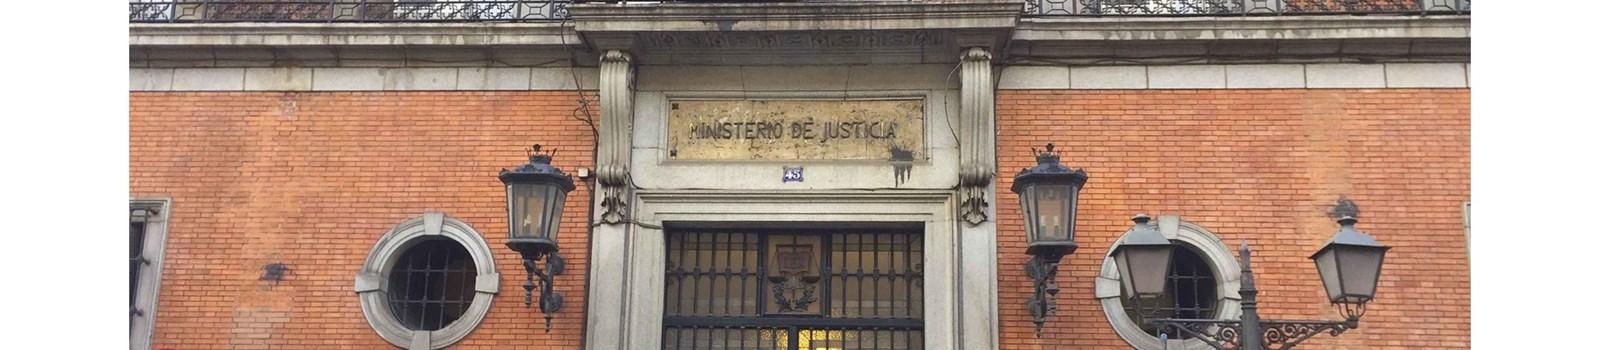 Tasas judiciales en la Administración de la Justicia